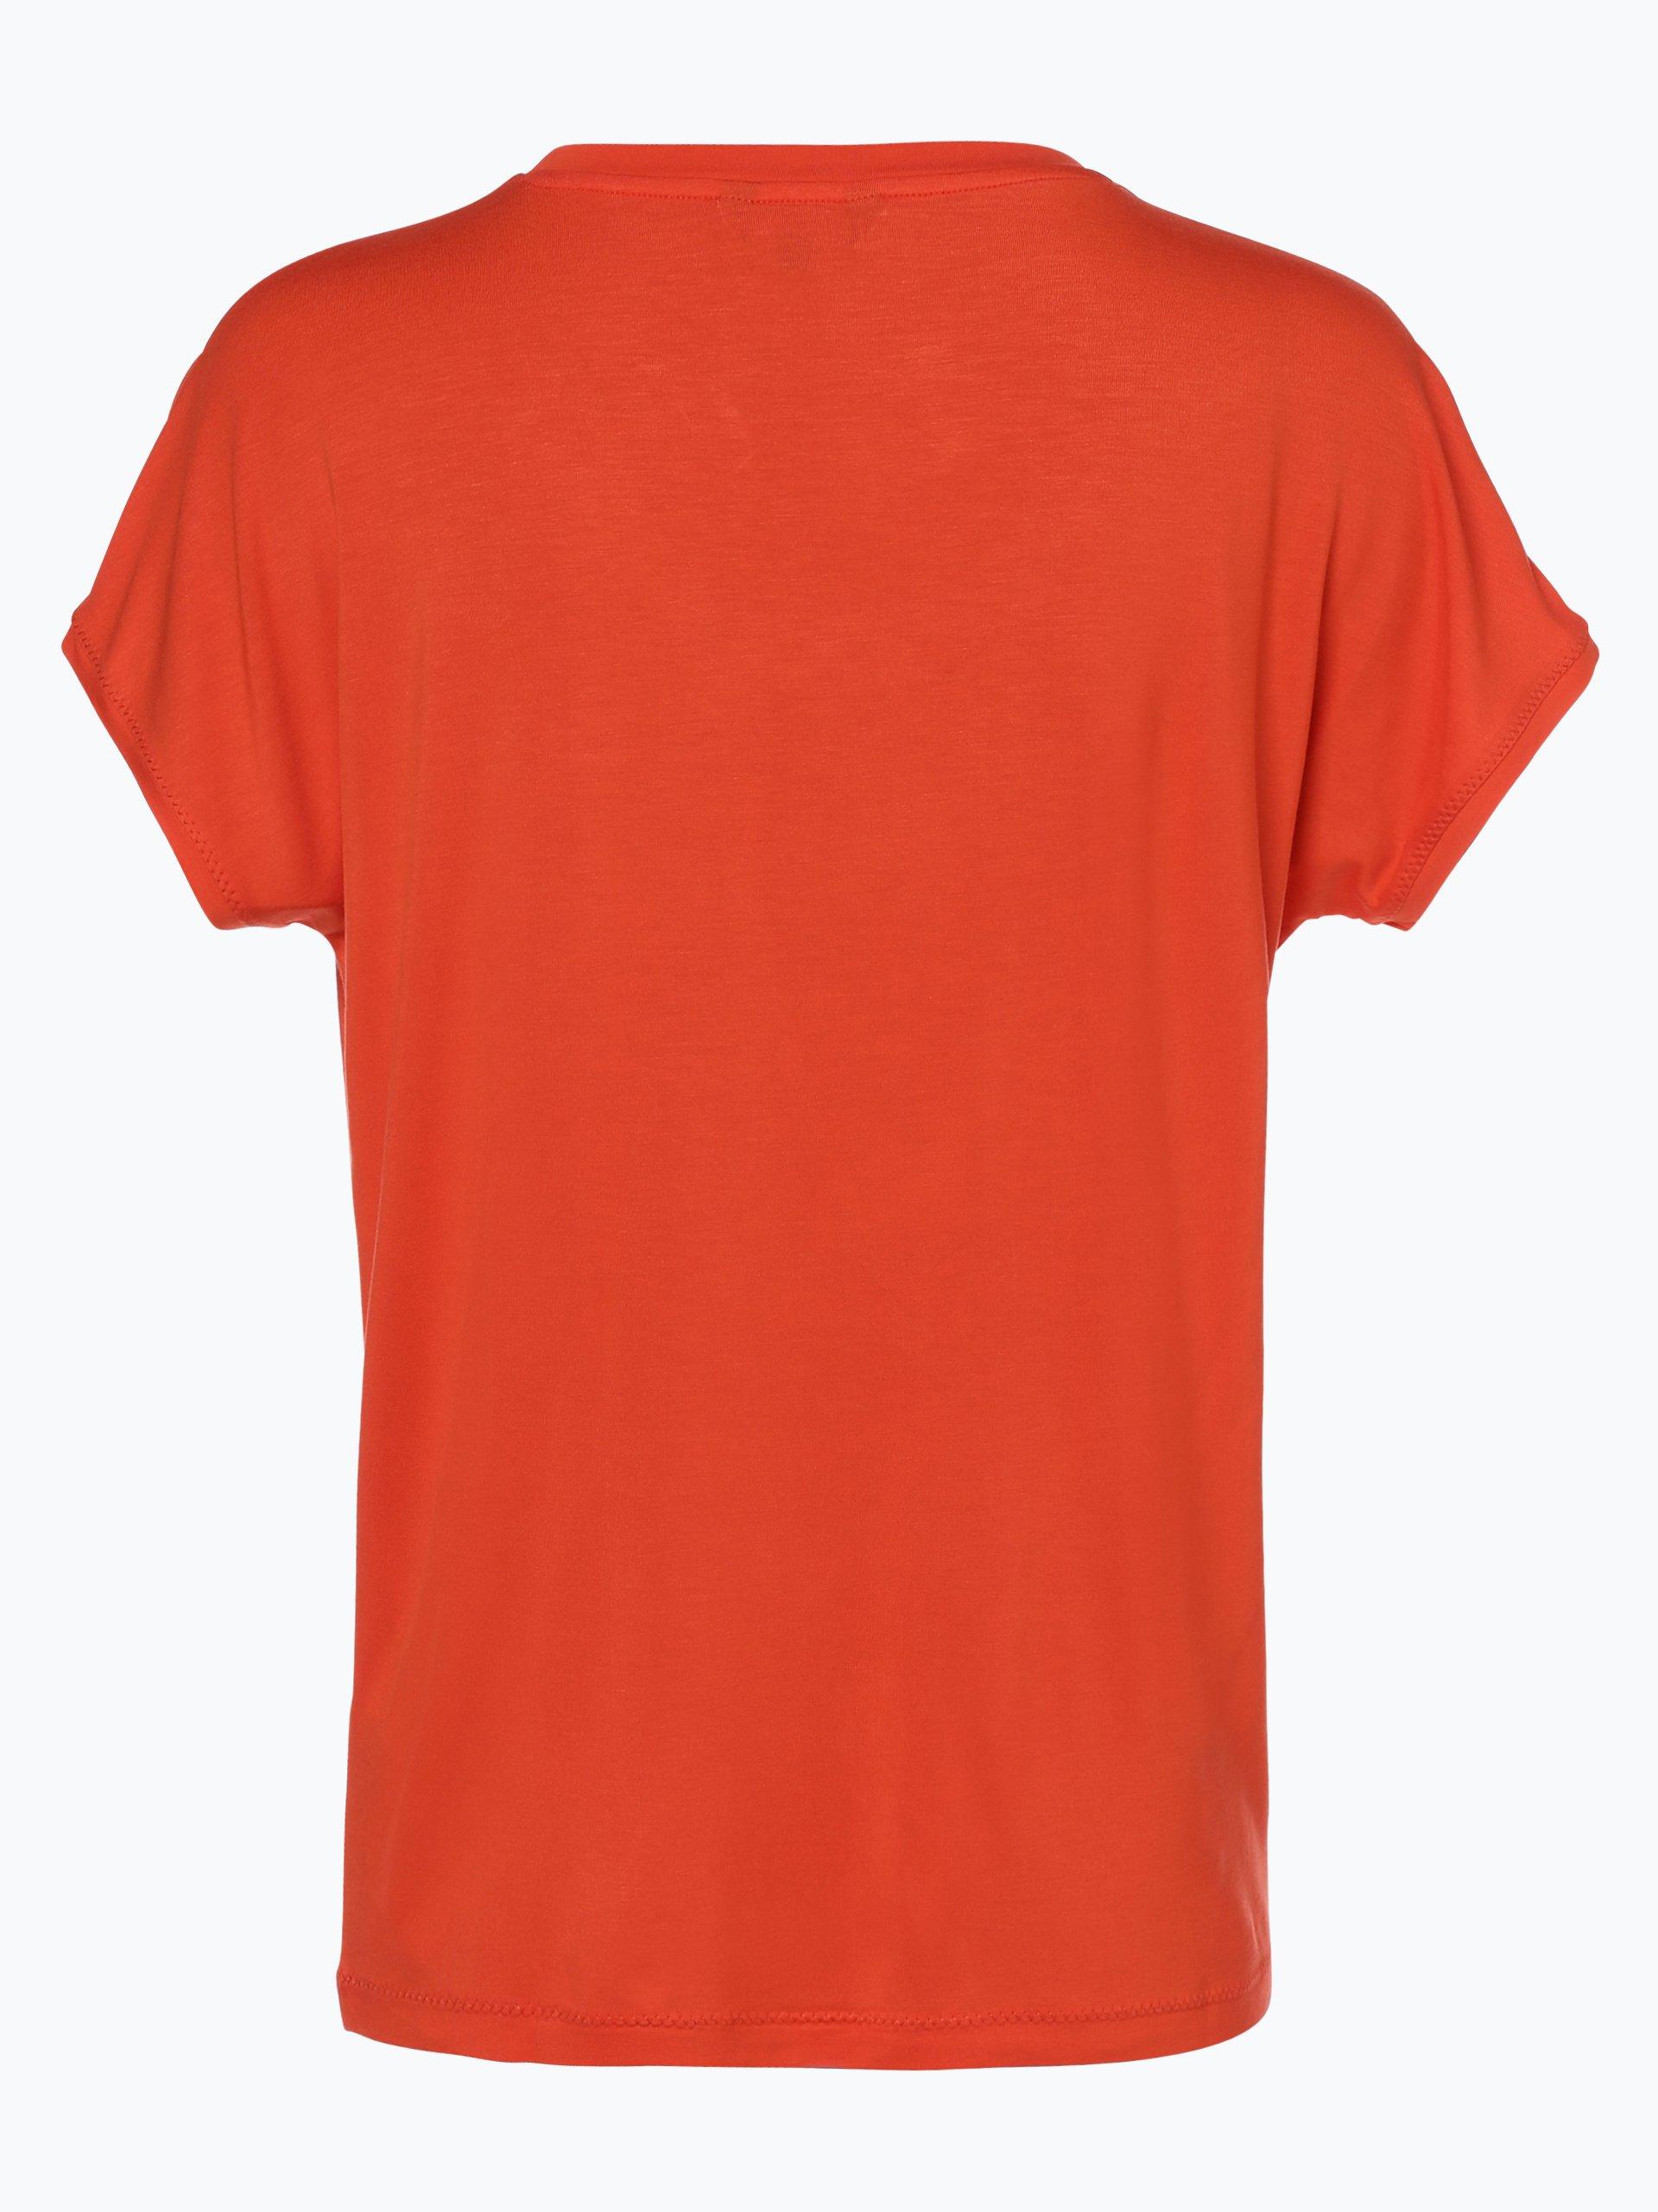 tommy hilfiger damen t shirt draser orange uni online. Black Bedroom Furniture Sets. Home Design Ideas